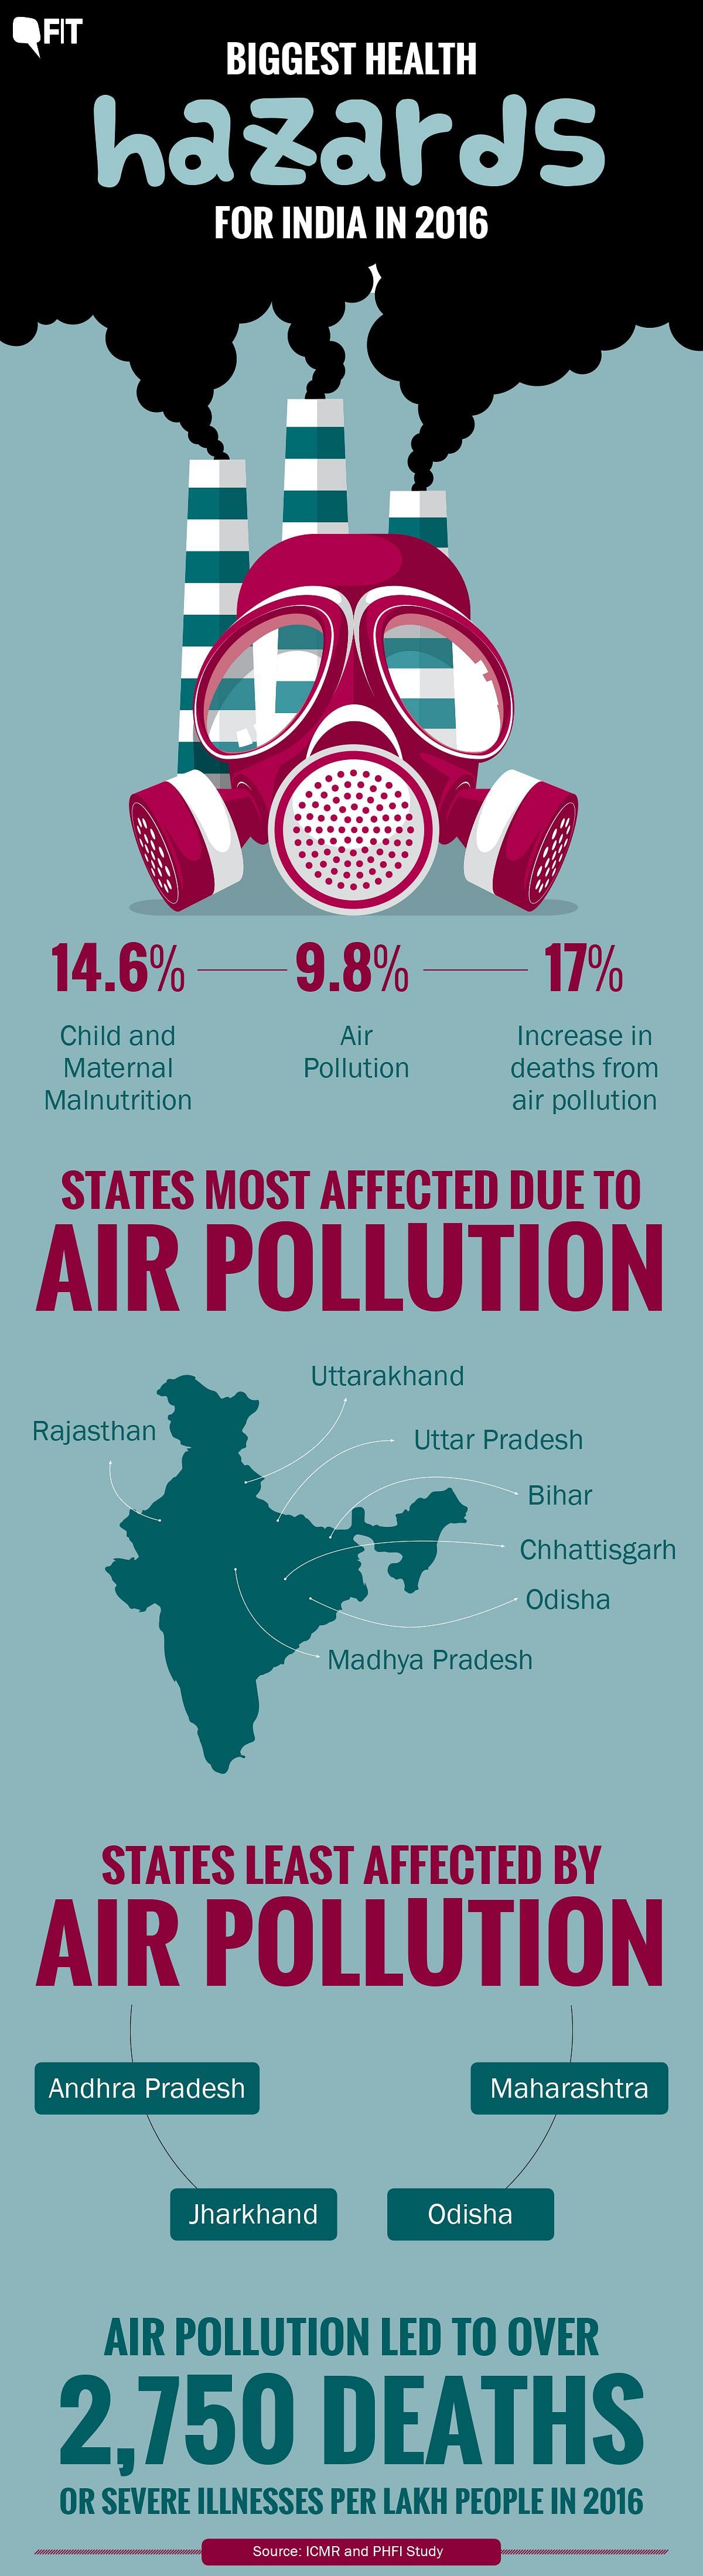 Air Pollution 2nd Biggest Health Hazard in India in 2016: Lancet